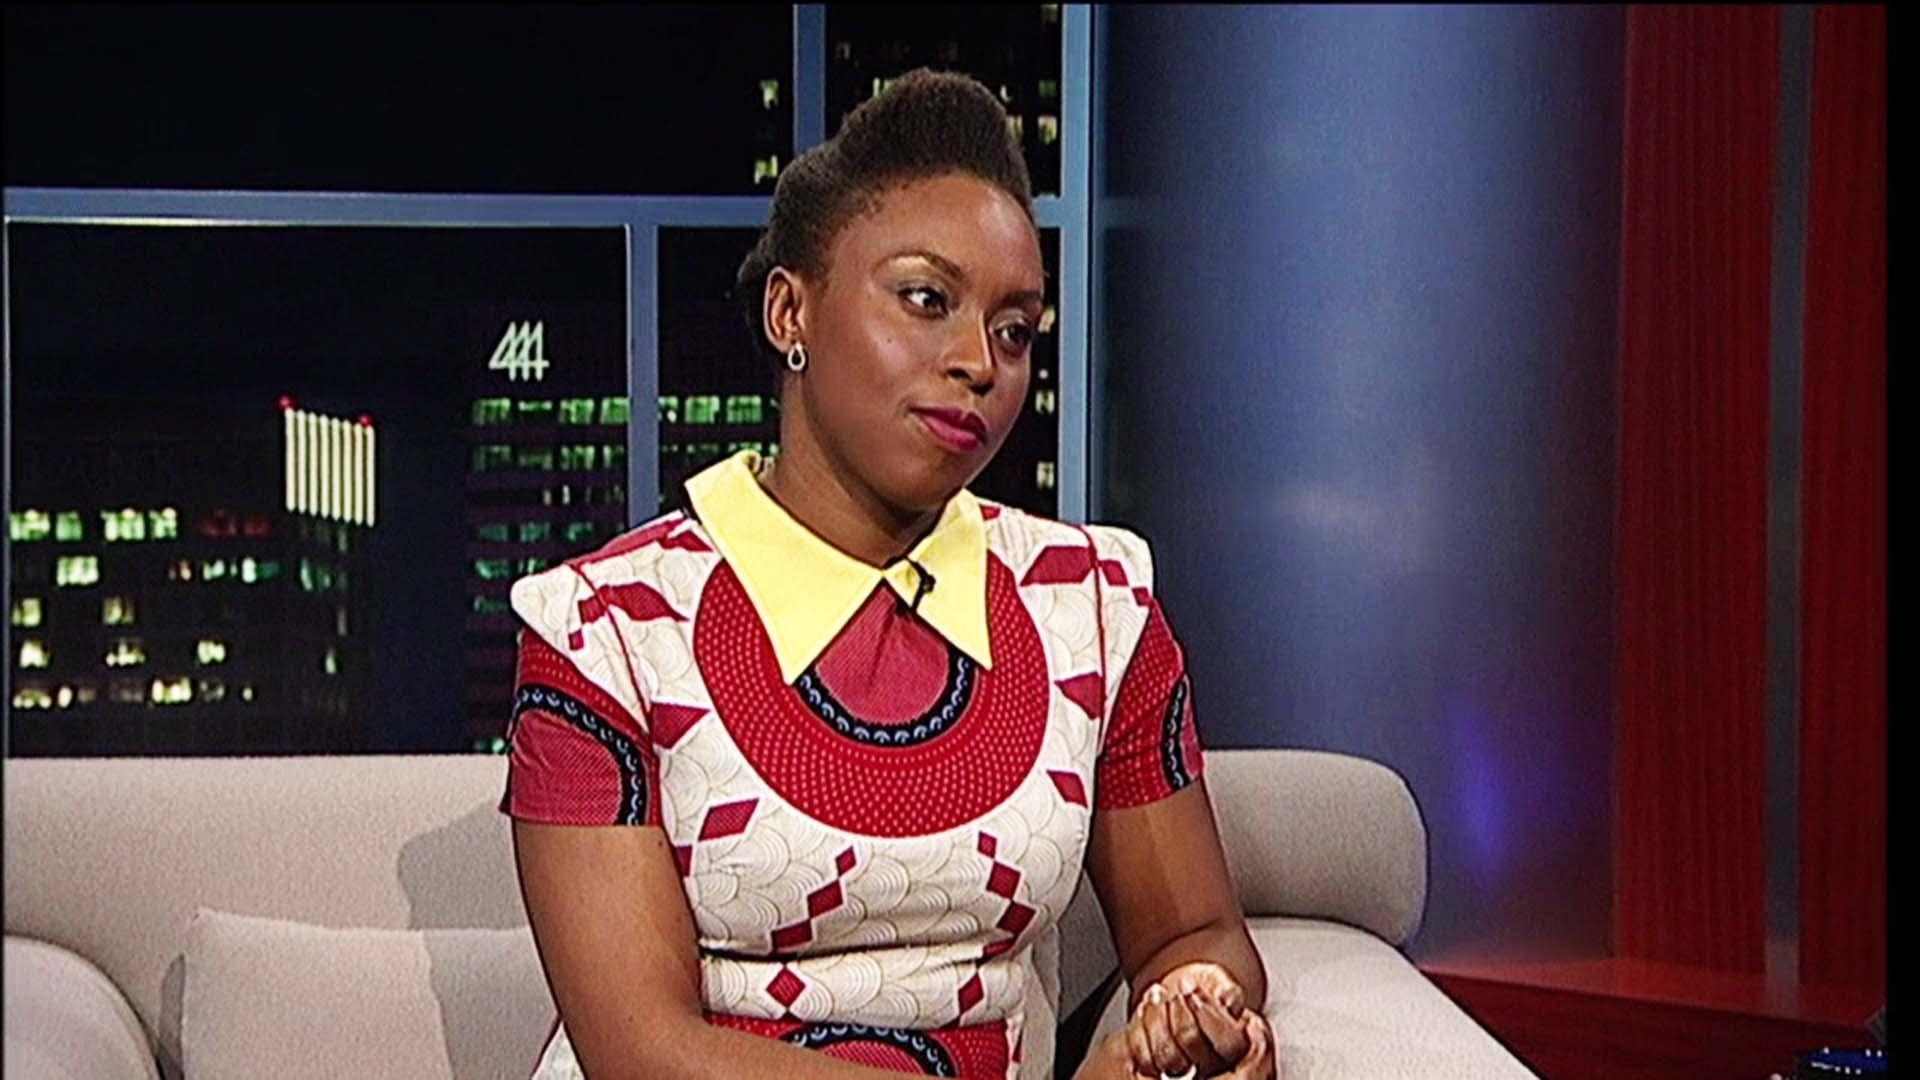 Writer Chimamanda Ngozi Adichie